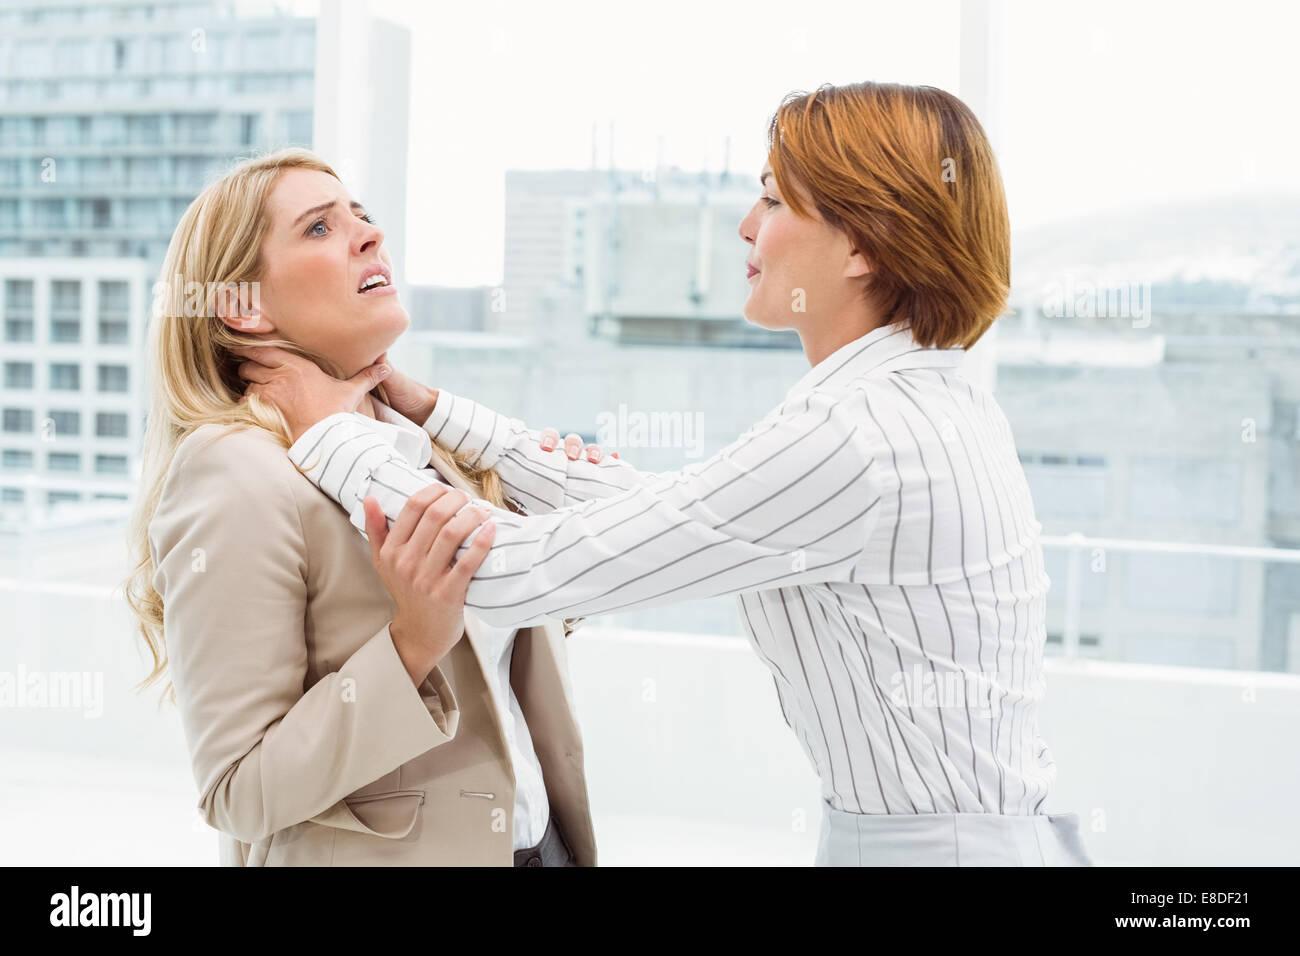 Empresarias teniendo una lucha violenta en Office Imagen De Stock